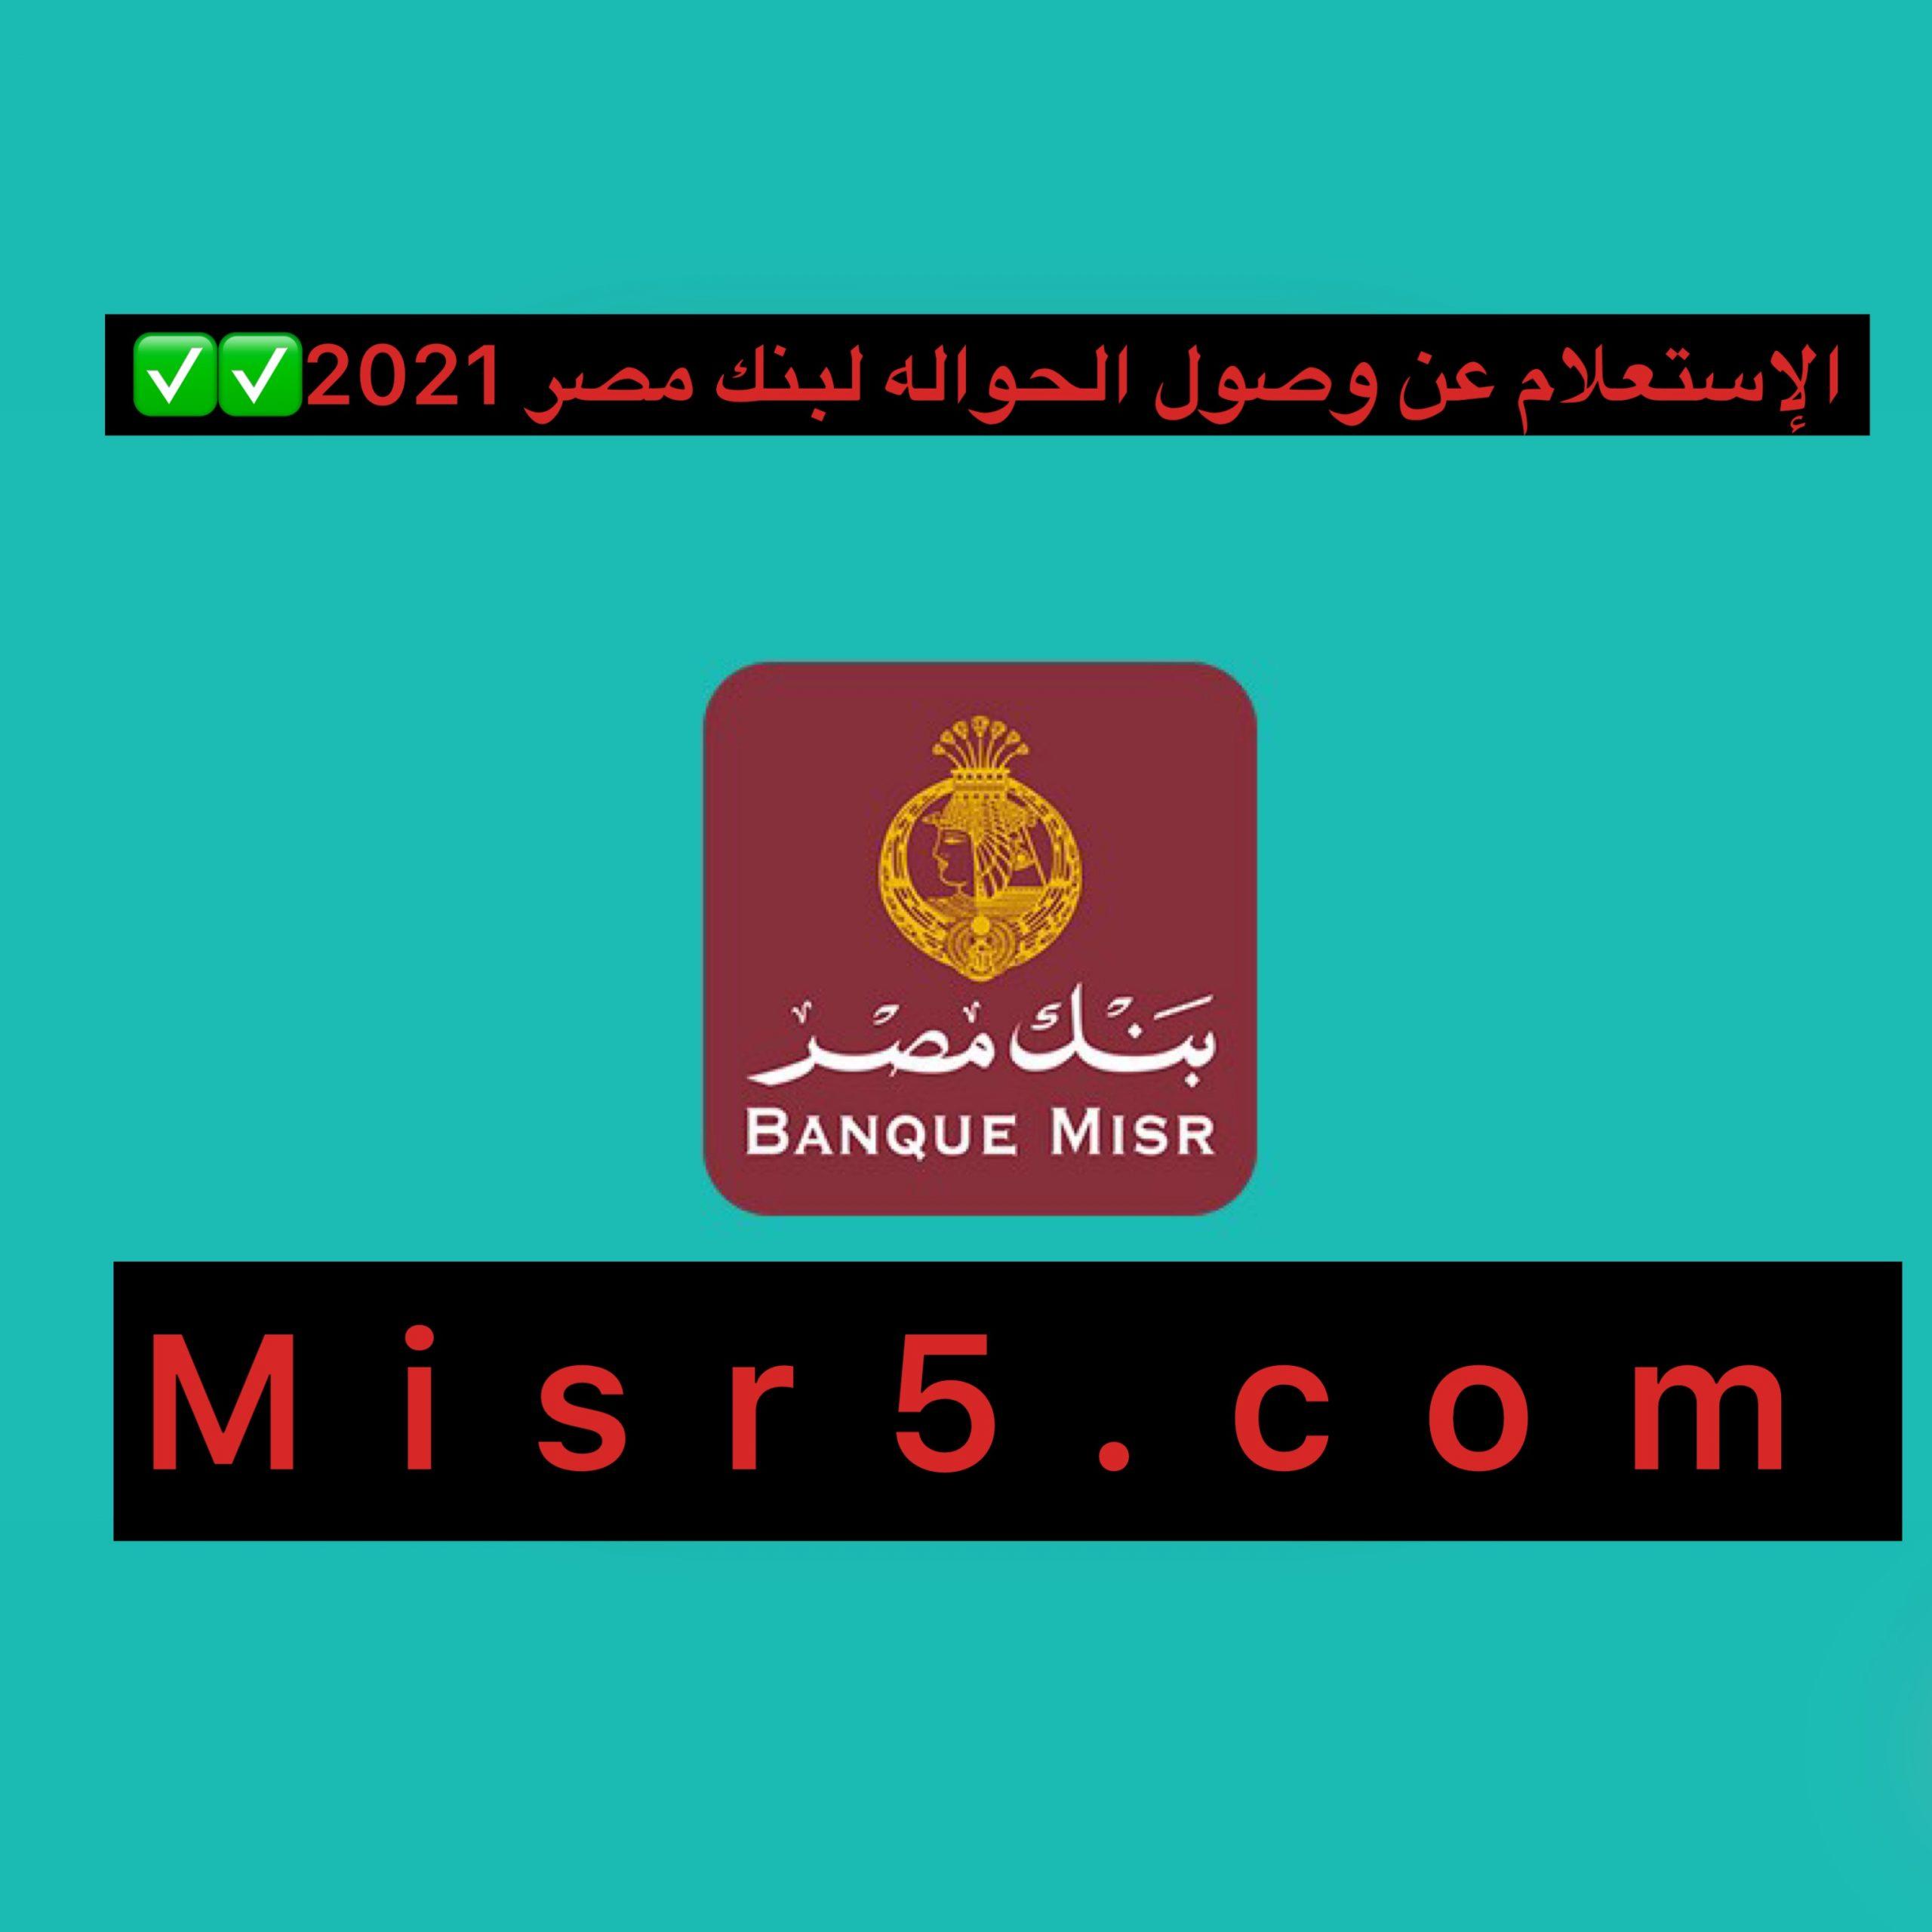 عن طريق الهاتف.. طرق الاستعلام عن مدة وصول الحوالة لبنك مصر 2021